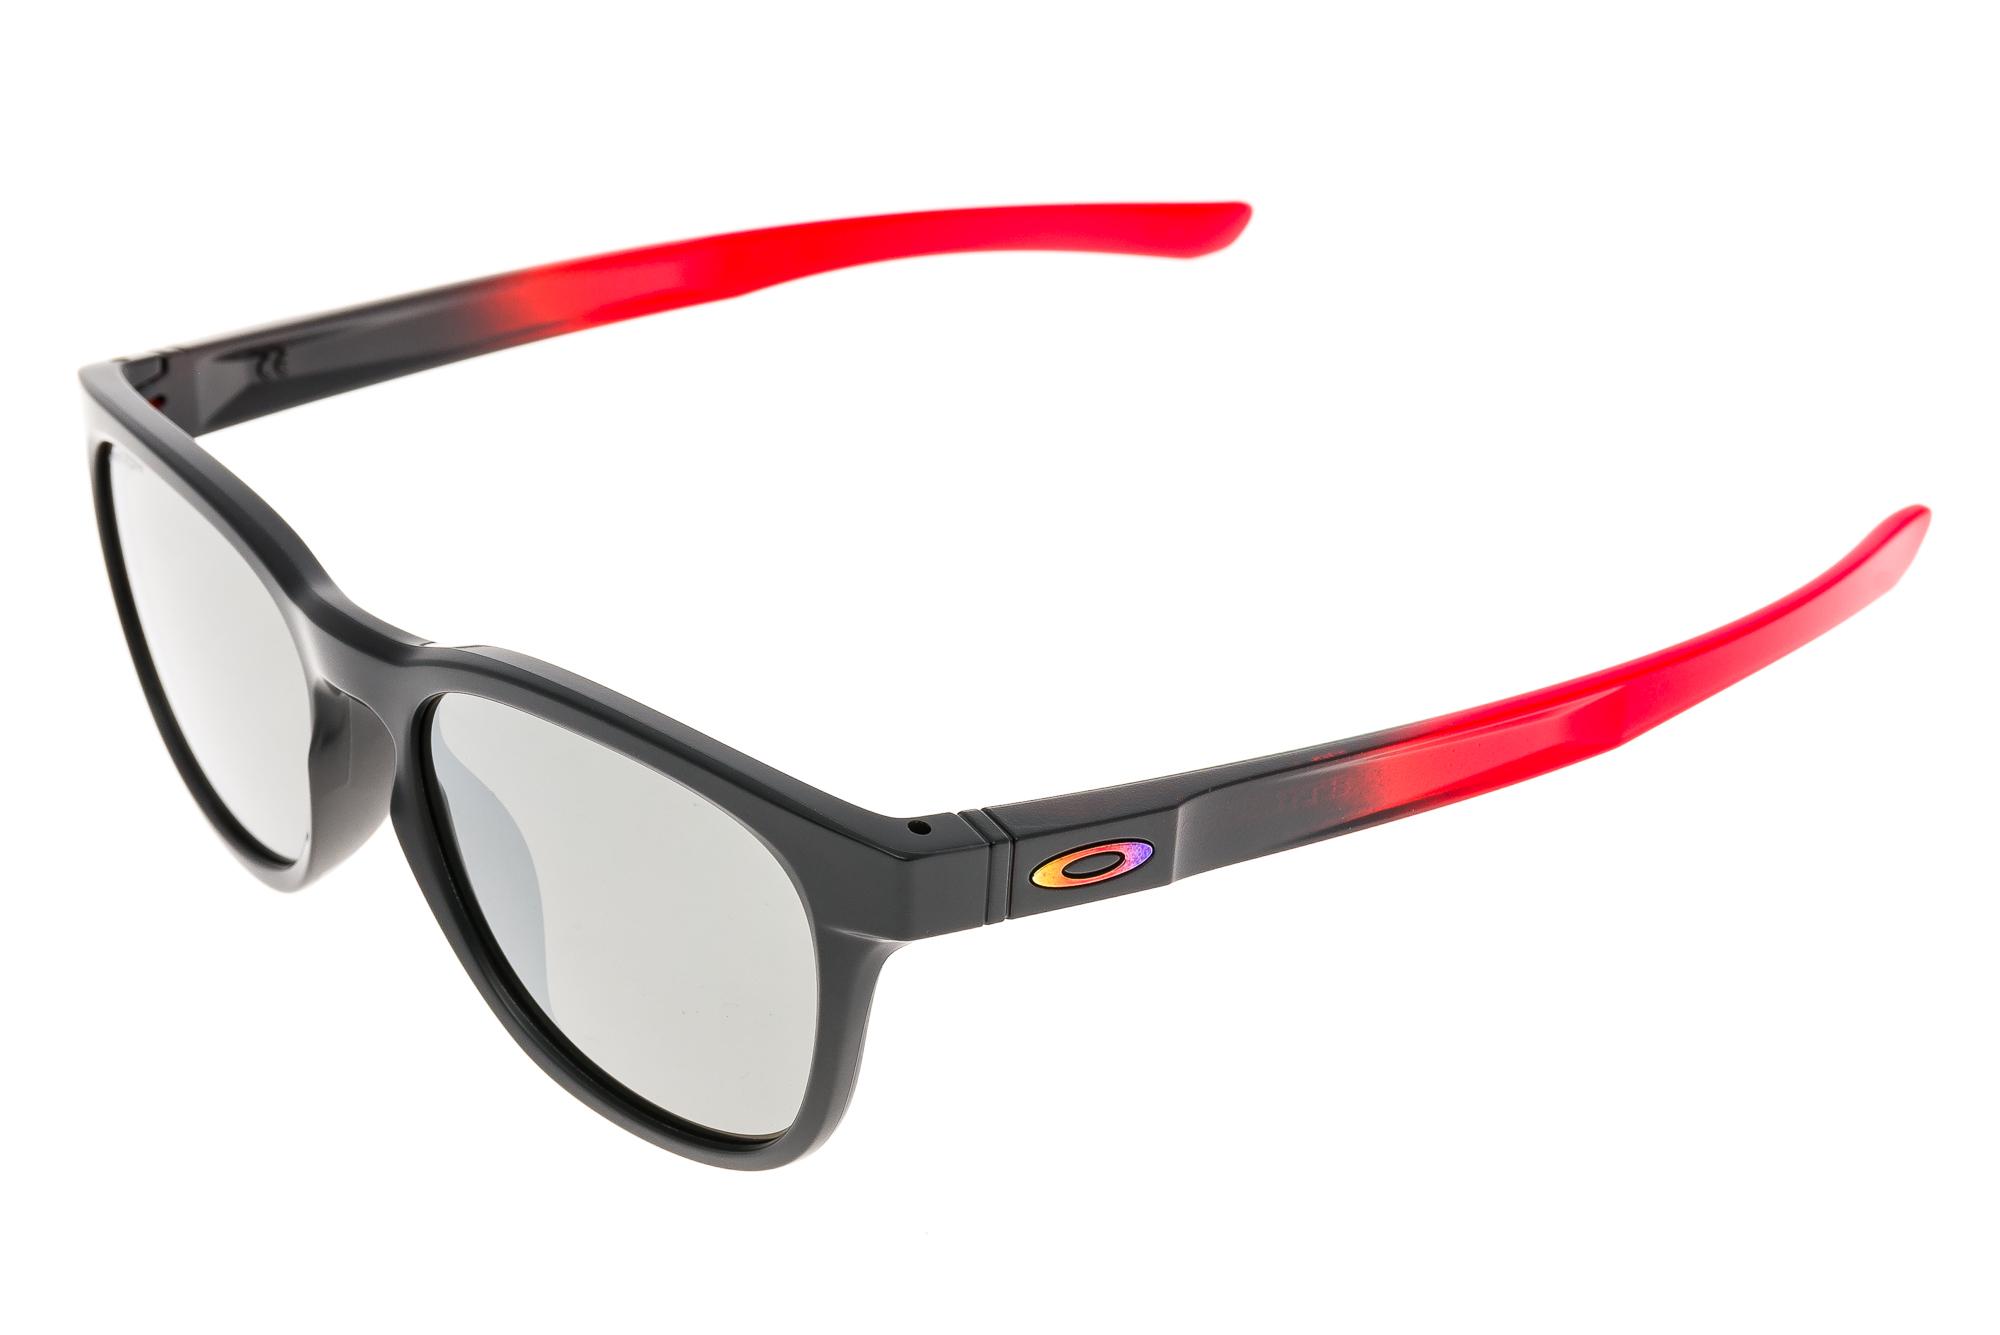 027bc8ea9ef Details about Oakley Stringer Sunglasses Matte Ruby Fade Frame Prizm Black  Lens